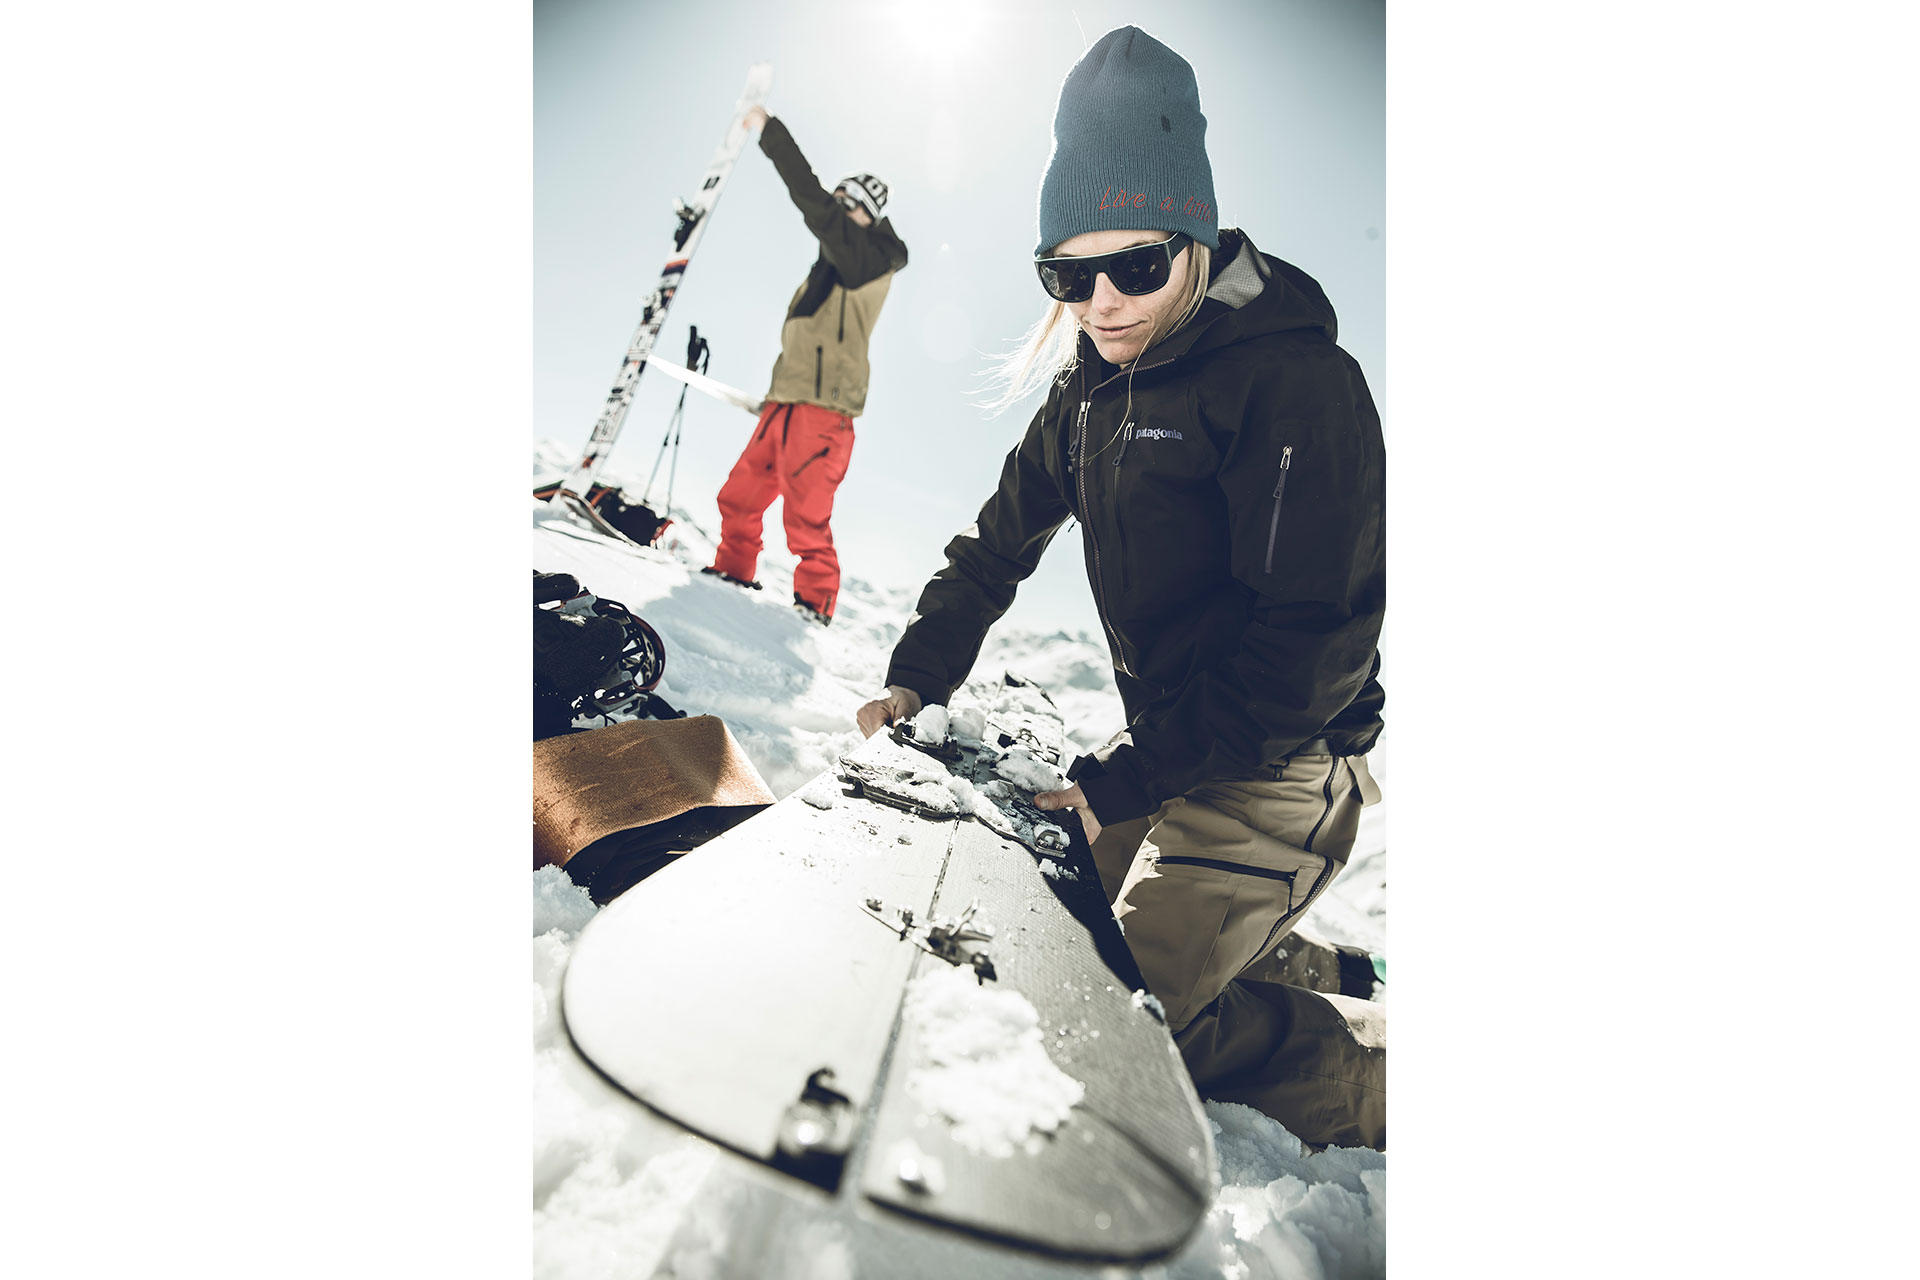 Tour Winter Splitboard Sportfotograf Winter Fotoproduktion Tiefschnee Salzburg Österreich